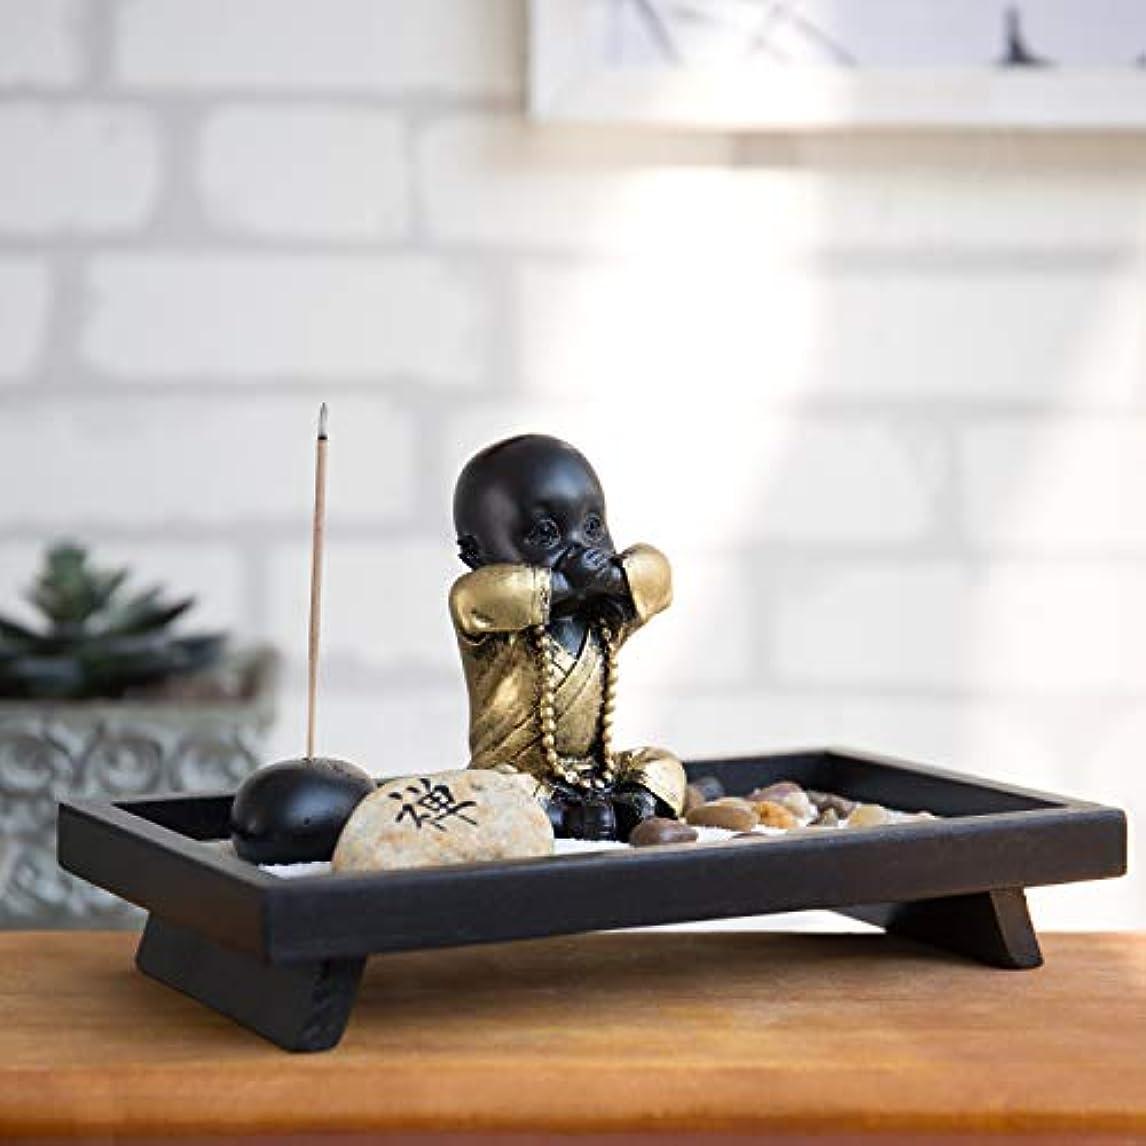 クラッシュタールびっくりしたMyGift 仏像とお香立て付き卓上禅の庭